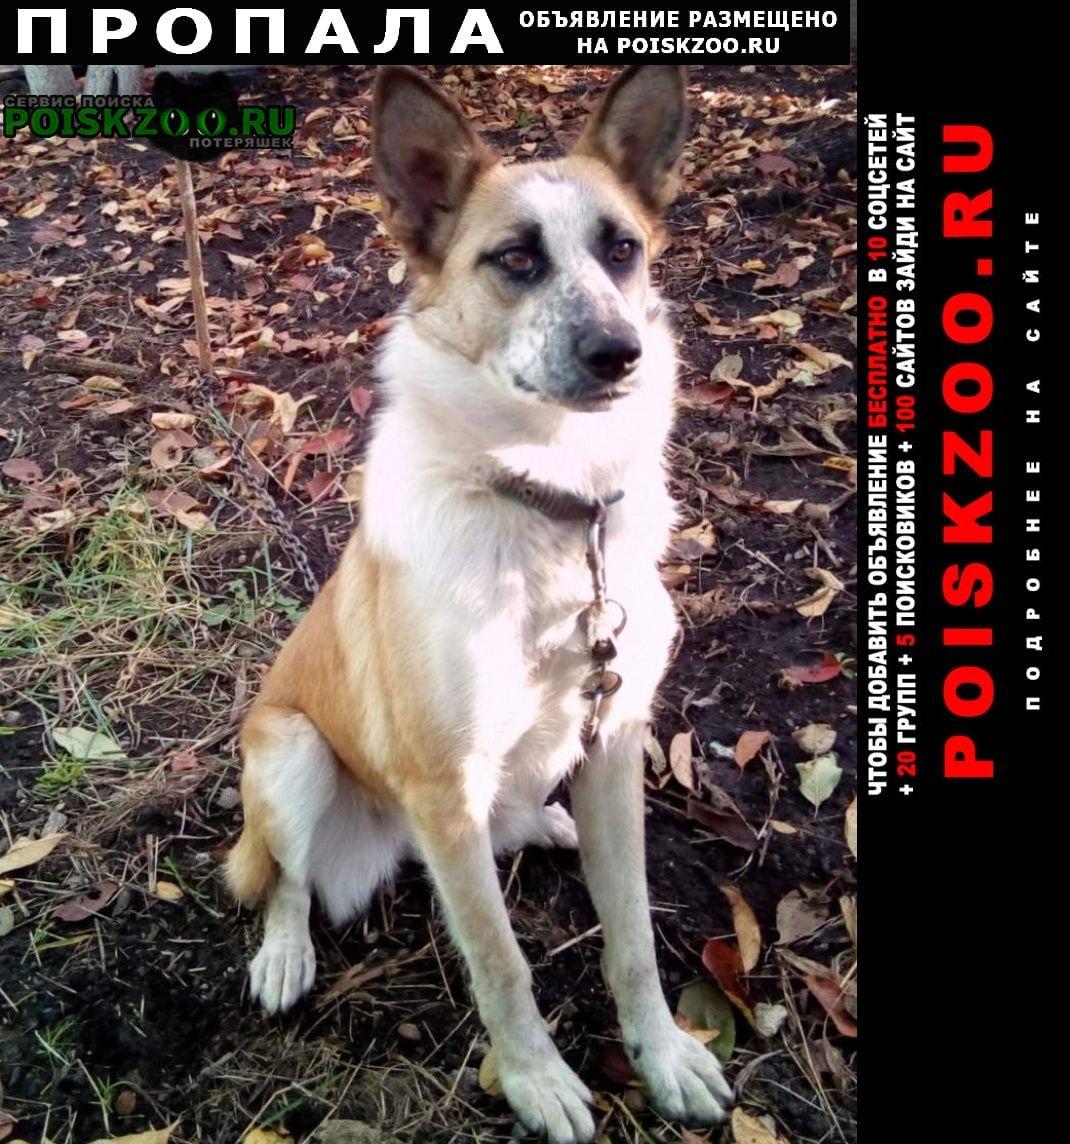 Белгород Пропала собака помогите найти еву